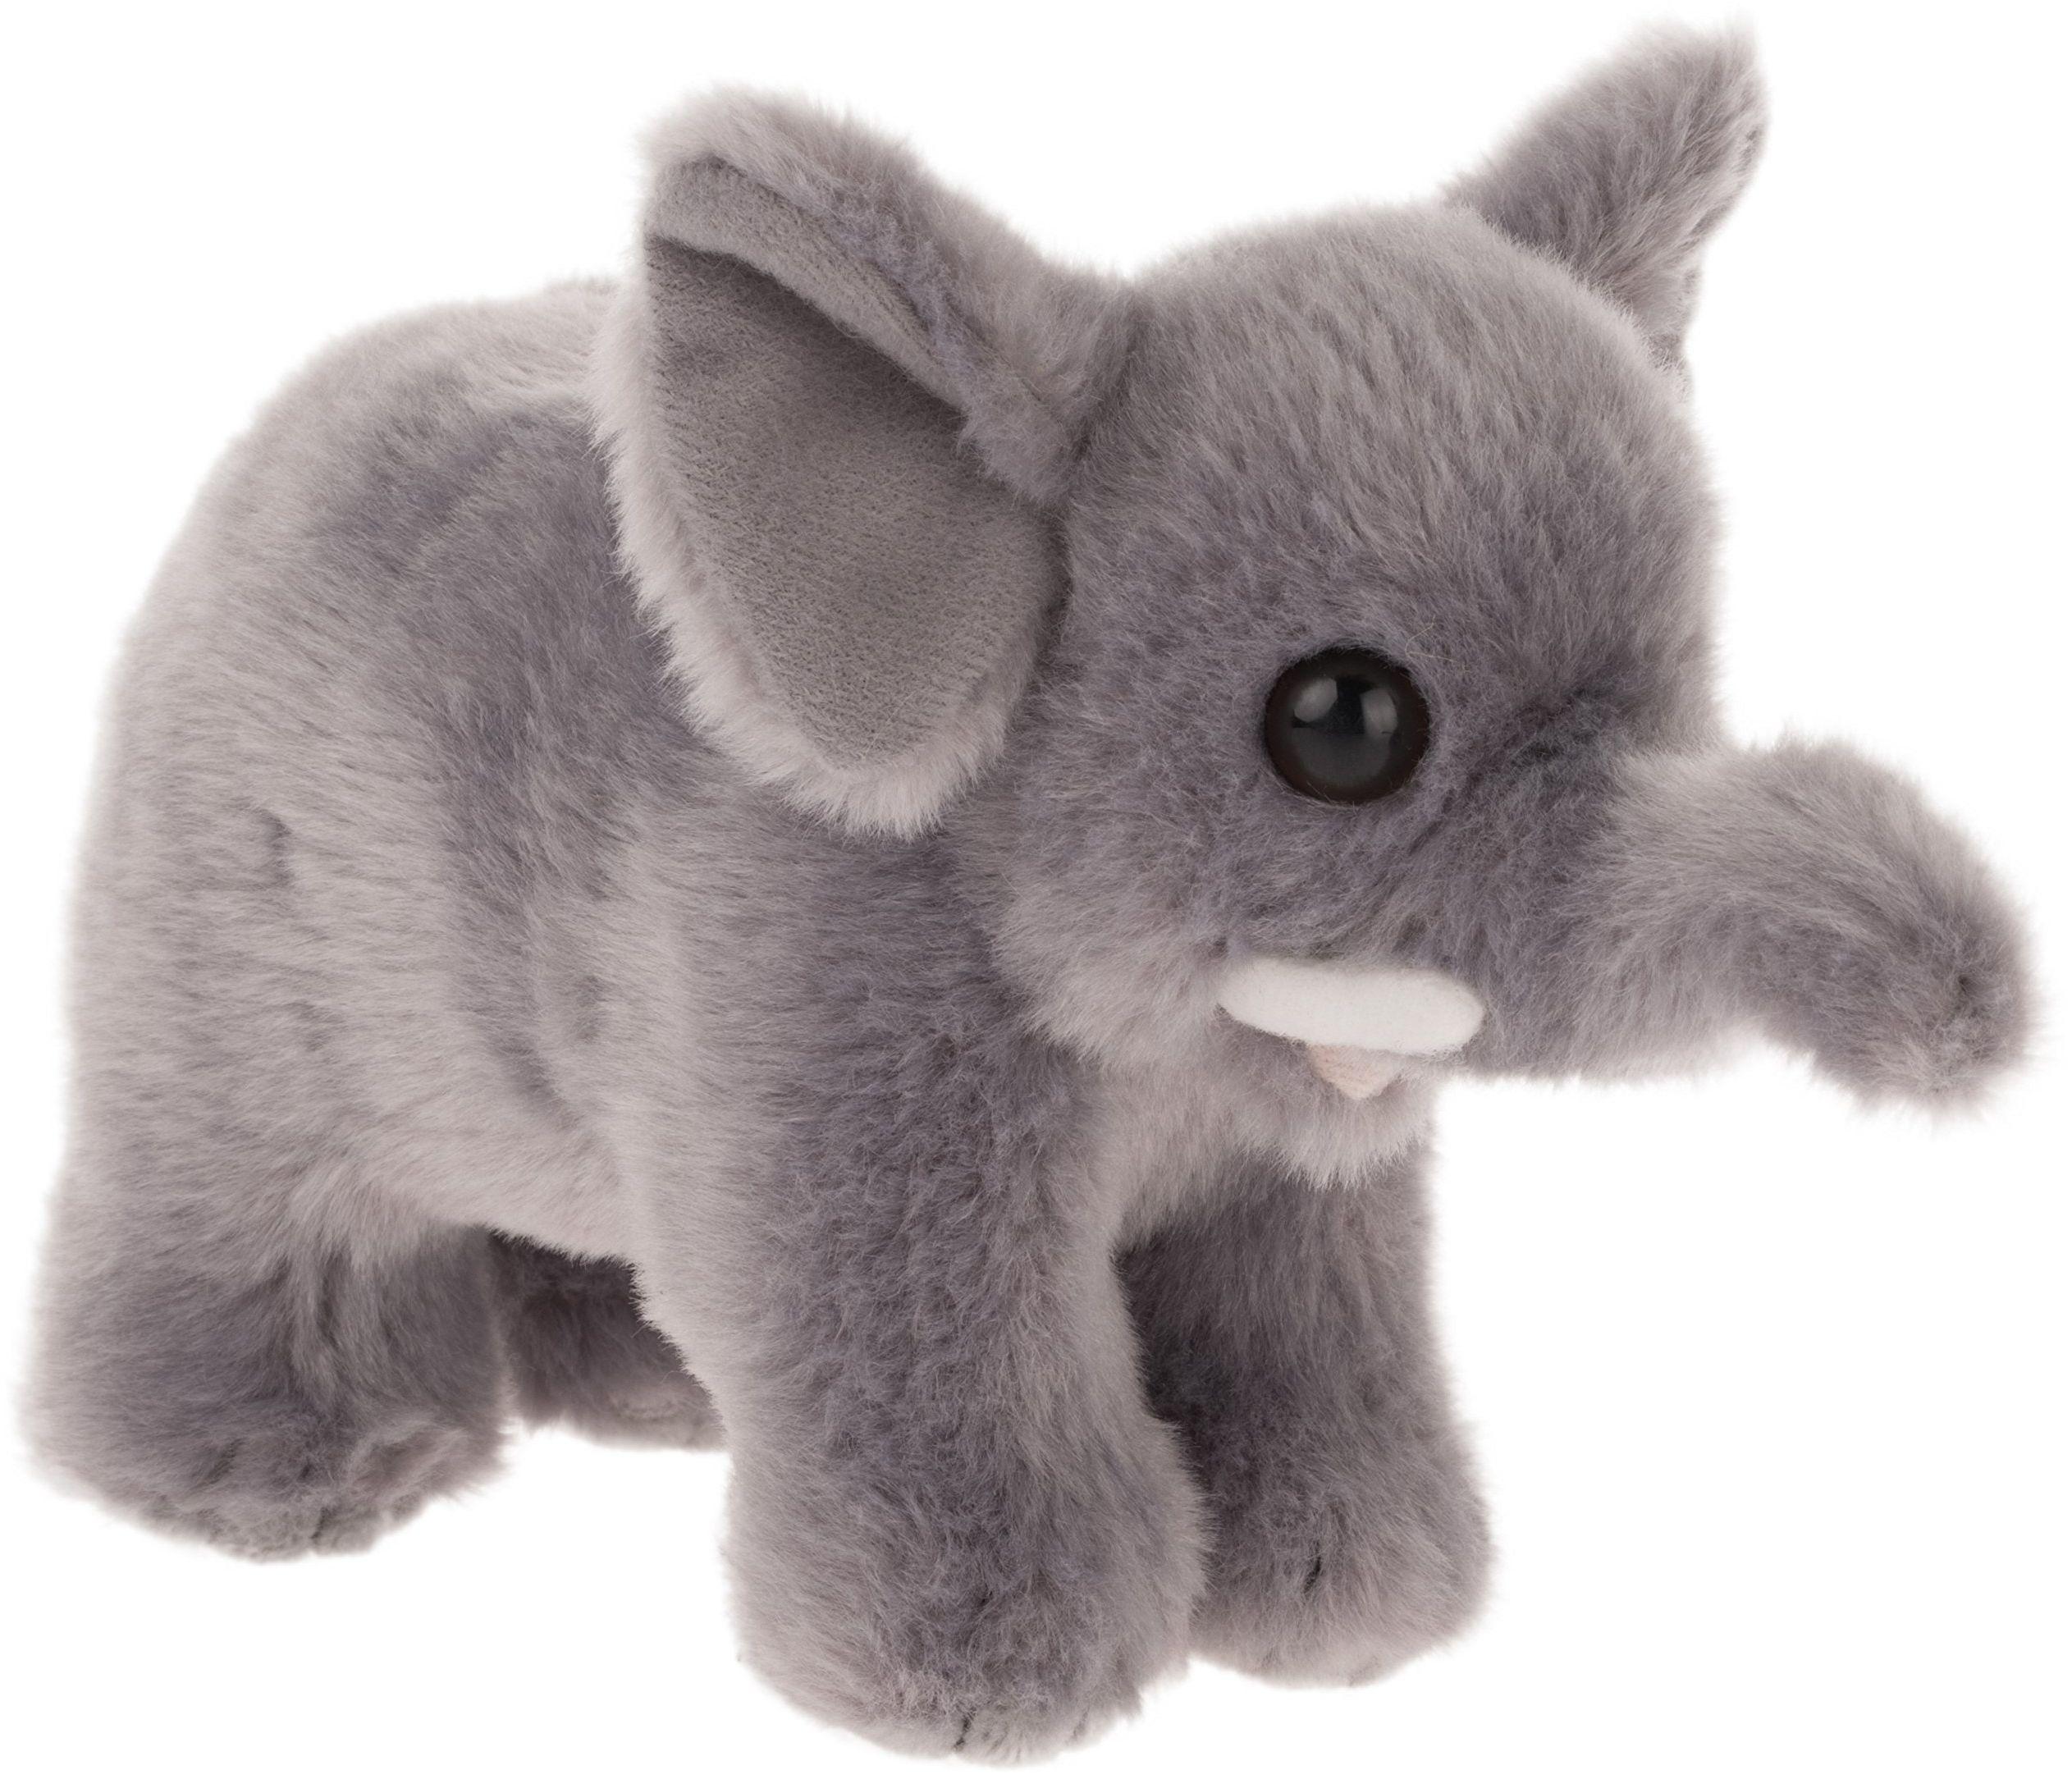 """Bauer Spielwaren """"Twoje zwierzęta z sercem"""" słoń: puszysta pluszowa pluszowa przytulanka z miękkiego pluszu do kochania i zabawy, 15 cm, szara (10139)"""